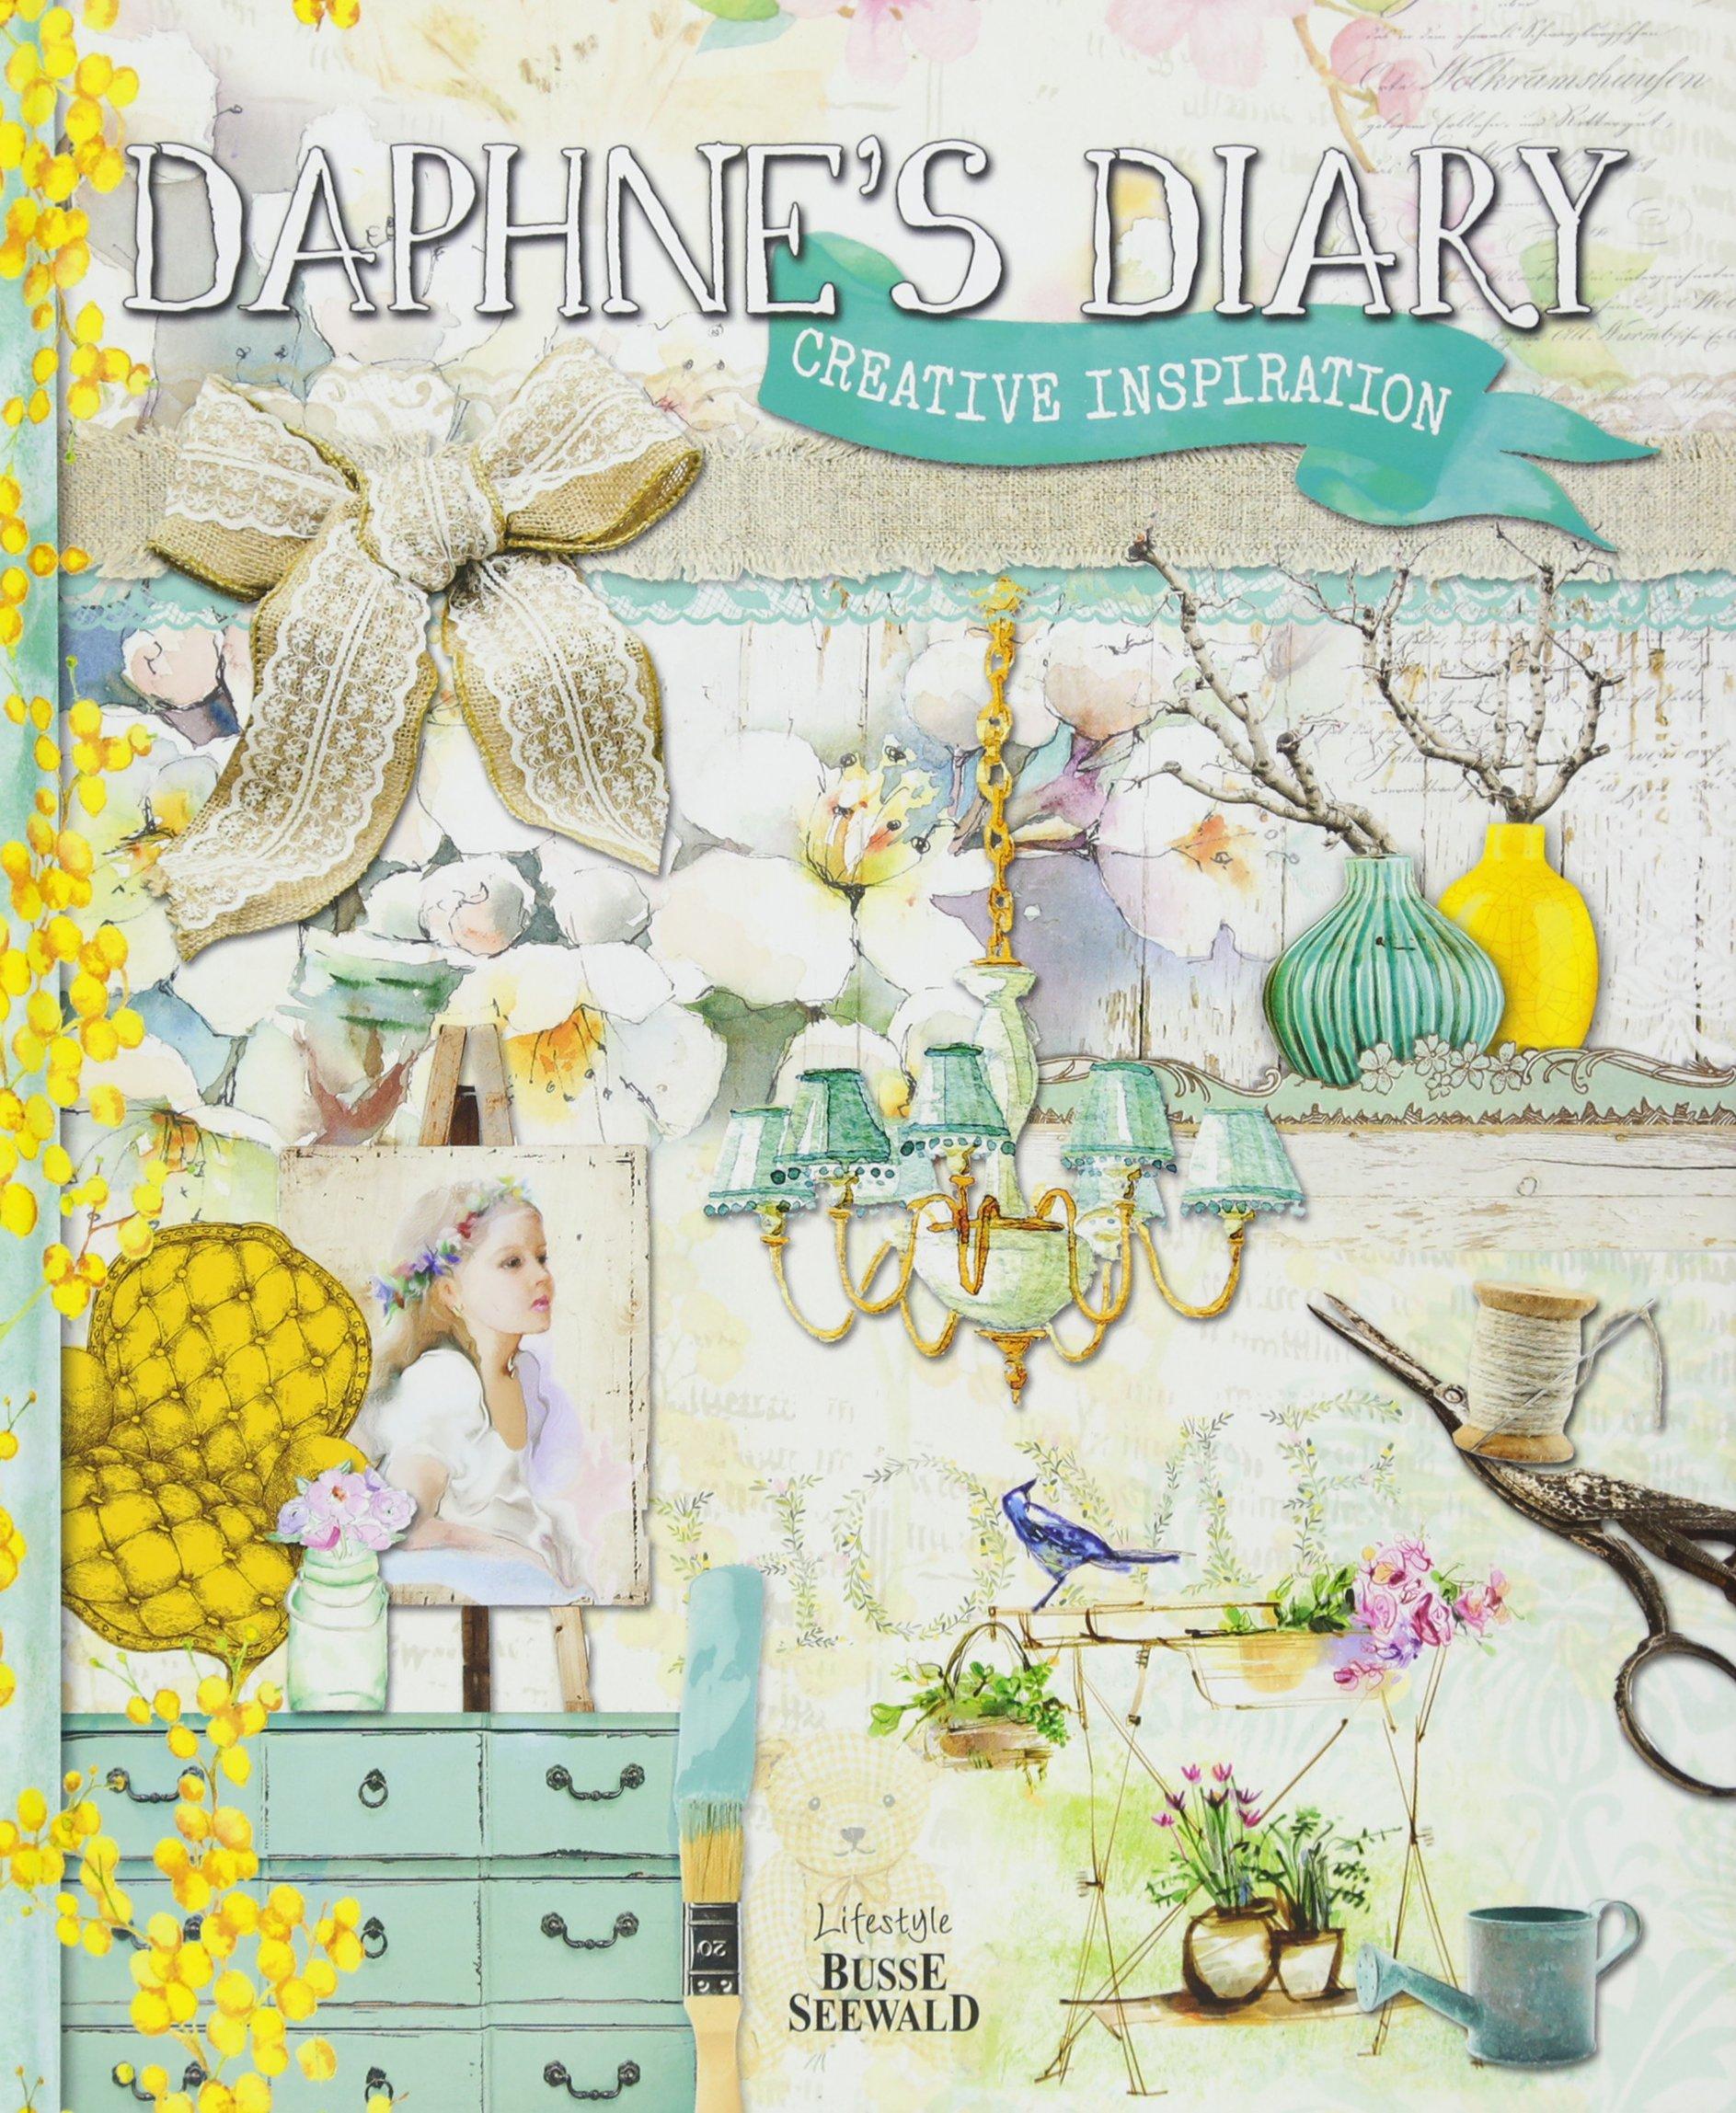 Daphne's Diary: Creative Inspiration Gebundenes Buch – 10. August 2015 Busse Seewald BusseSeewald 3772474136 Architekt / Innenarchitekt